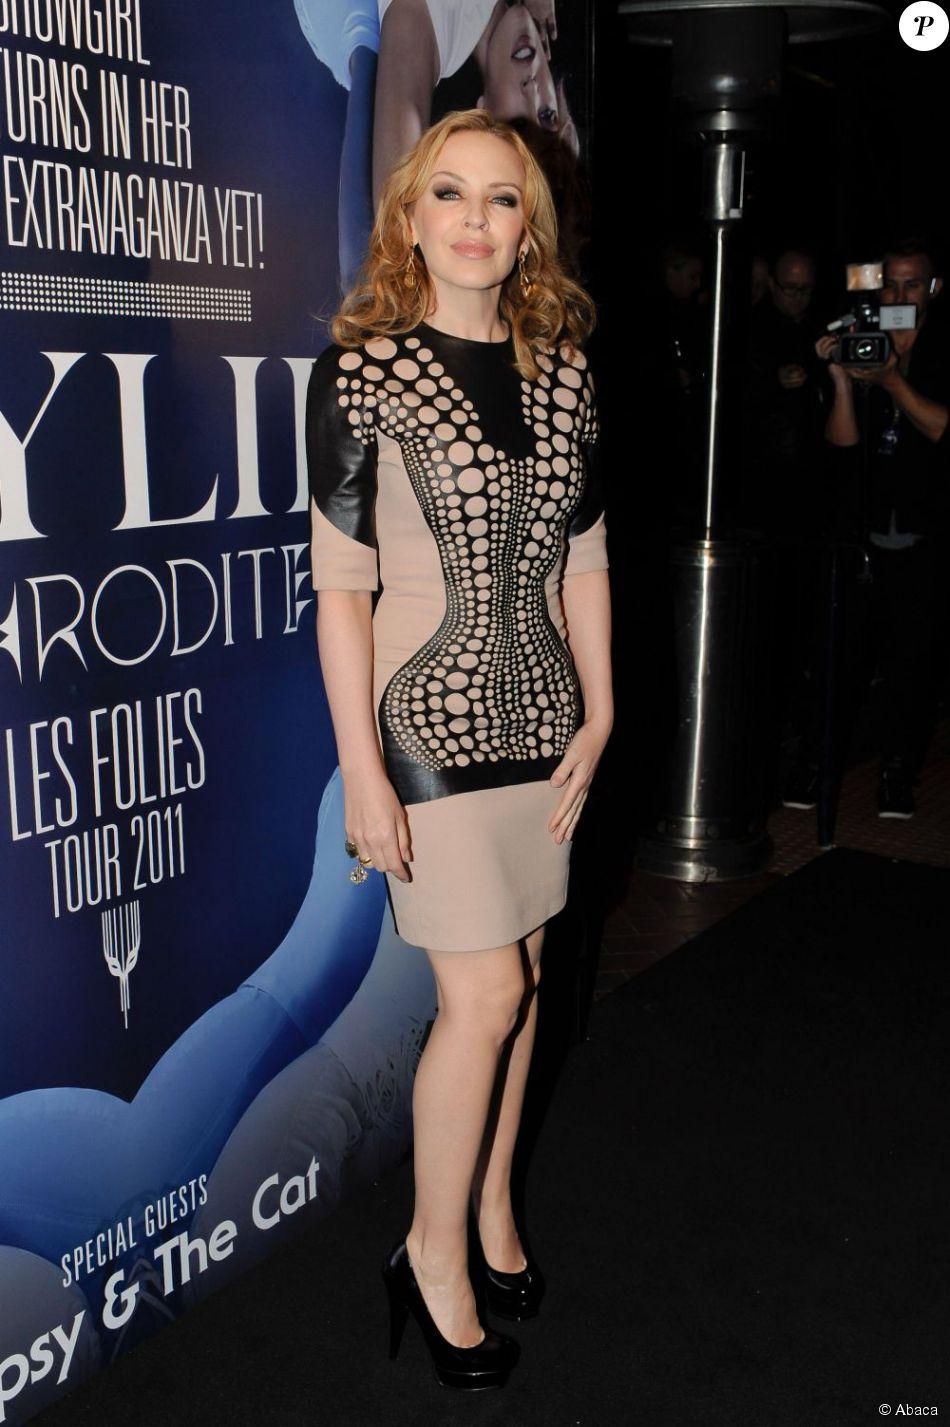 309865d53fe6e Kylie Minogue moule sa silhouette parfaite dans une robe courte en cuir  chair et noire. Trop classe ! Sydney